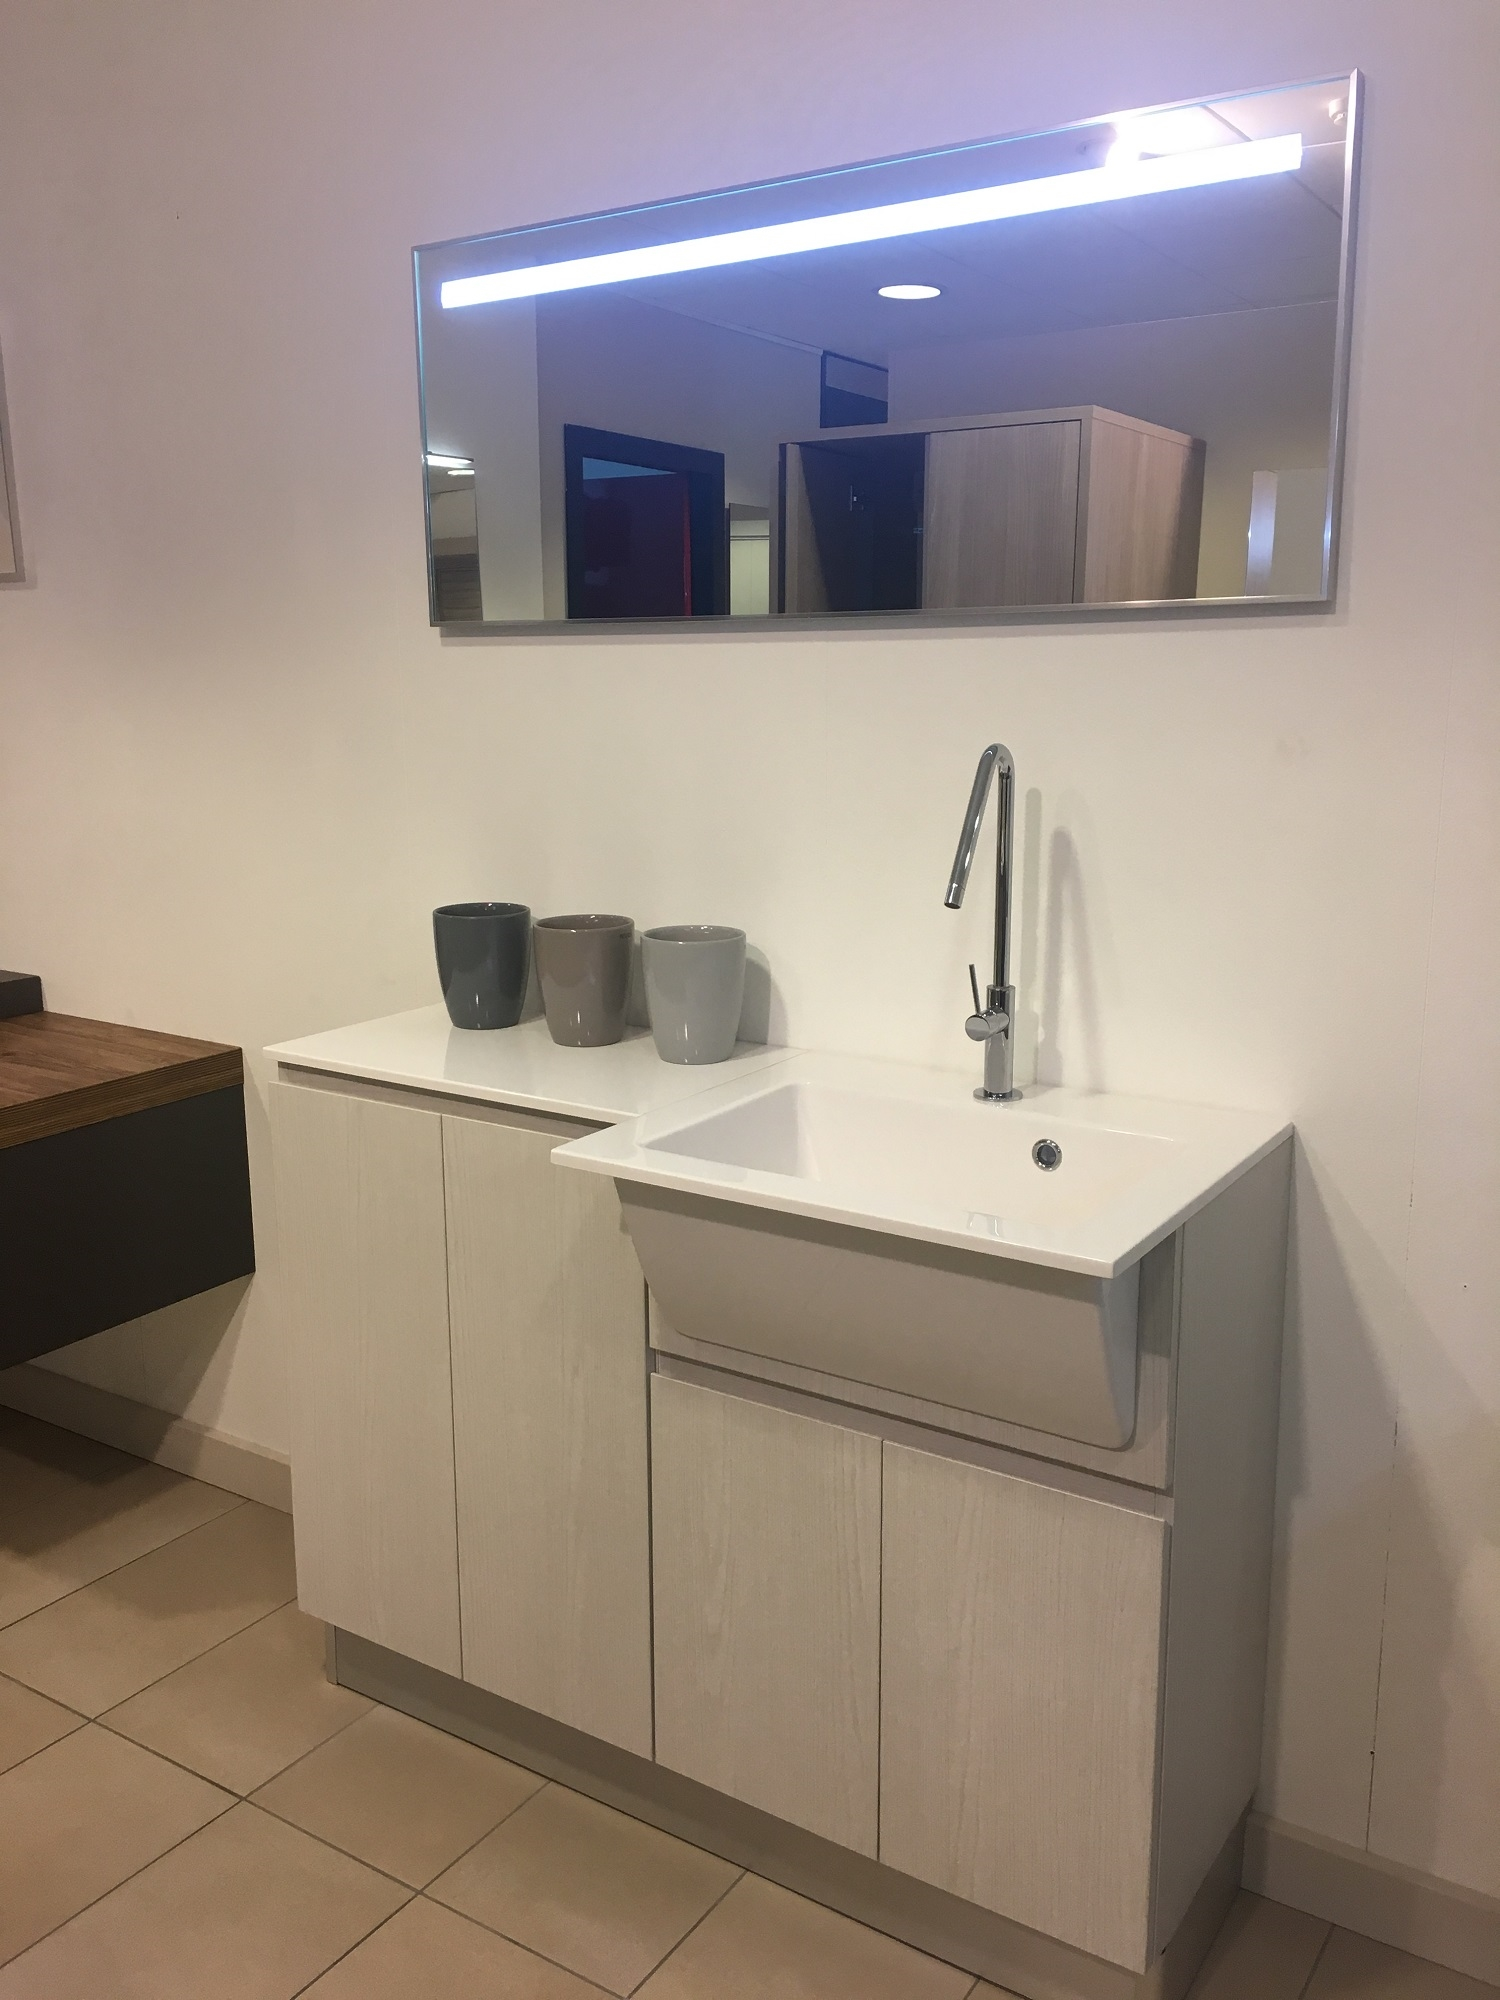 Arredo bagno lavanderia idrobox di birex scontato del 40 - Lavanderia in bagno ...